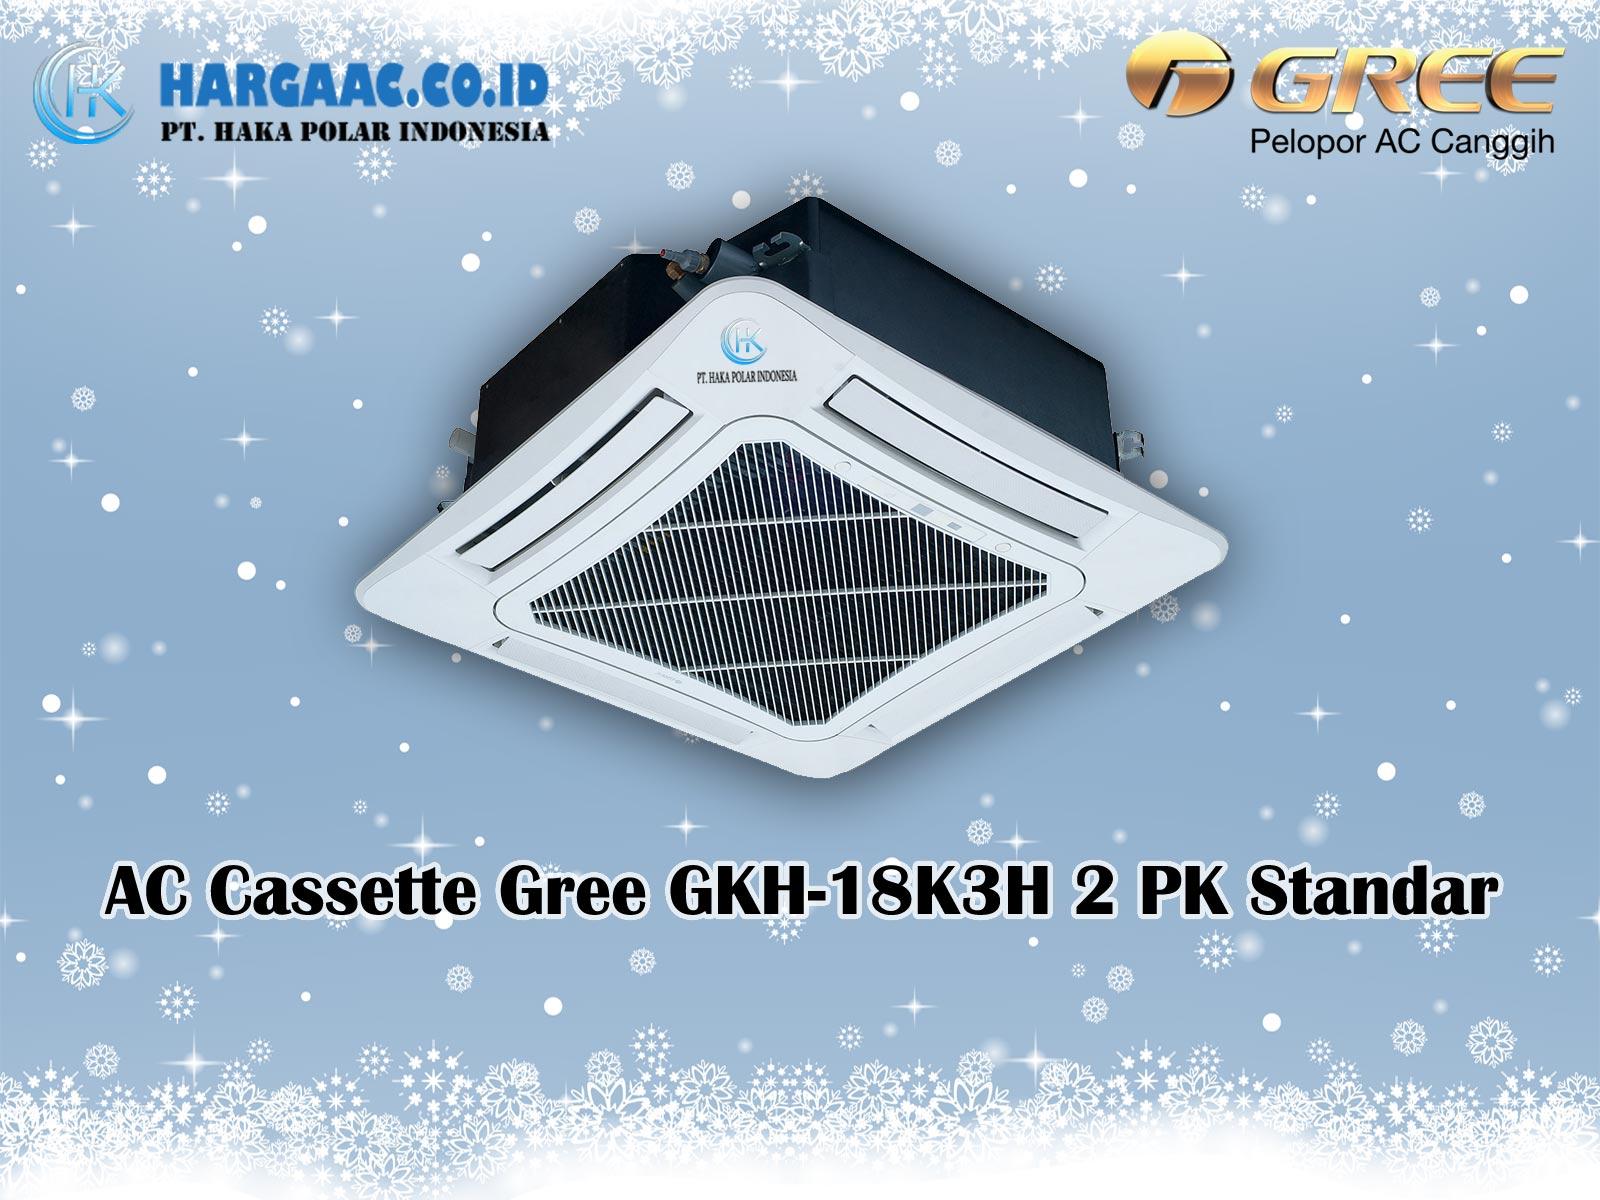 Harga Jual AC Cassette Gree GKH-18K3H 2 PK Standar